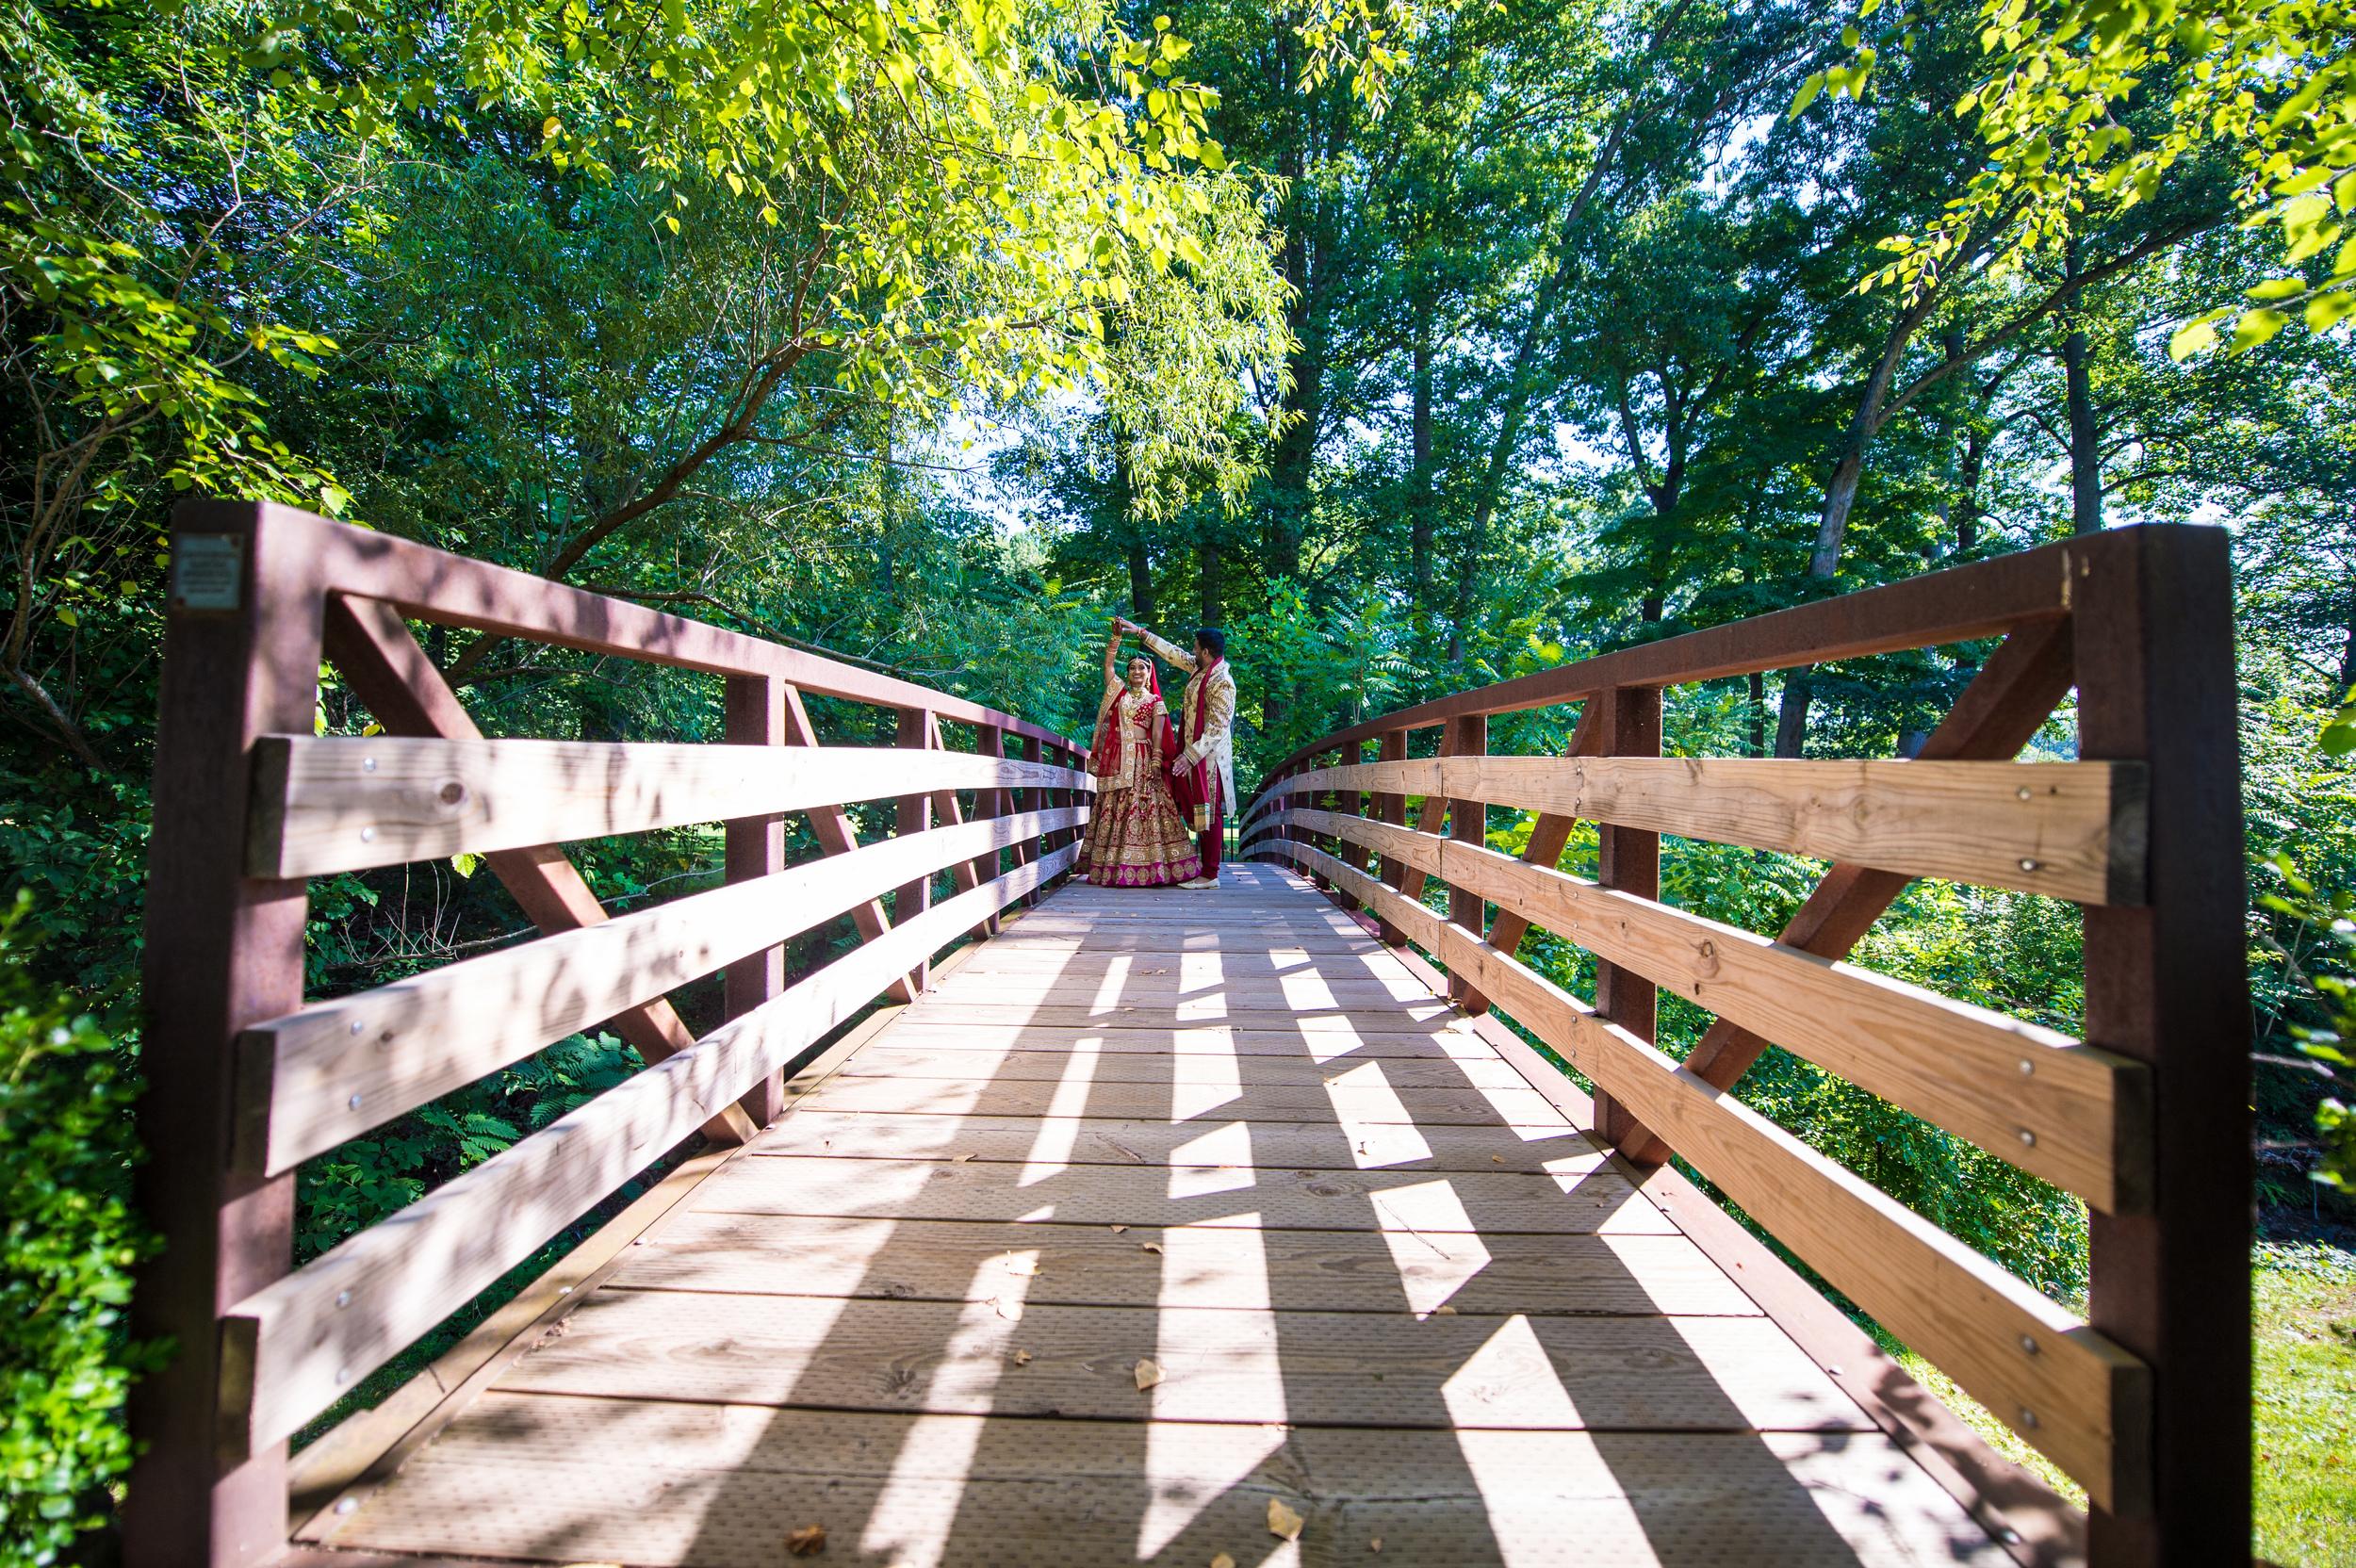 INDIAN COUPLE ON BRIDGE